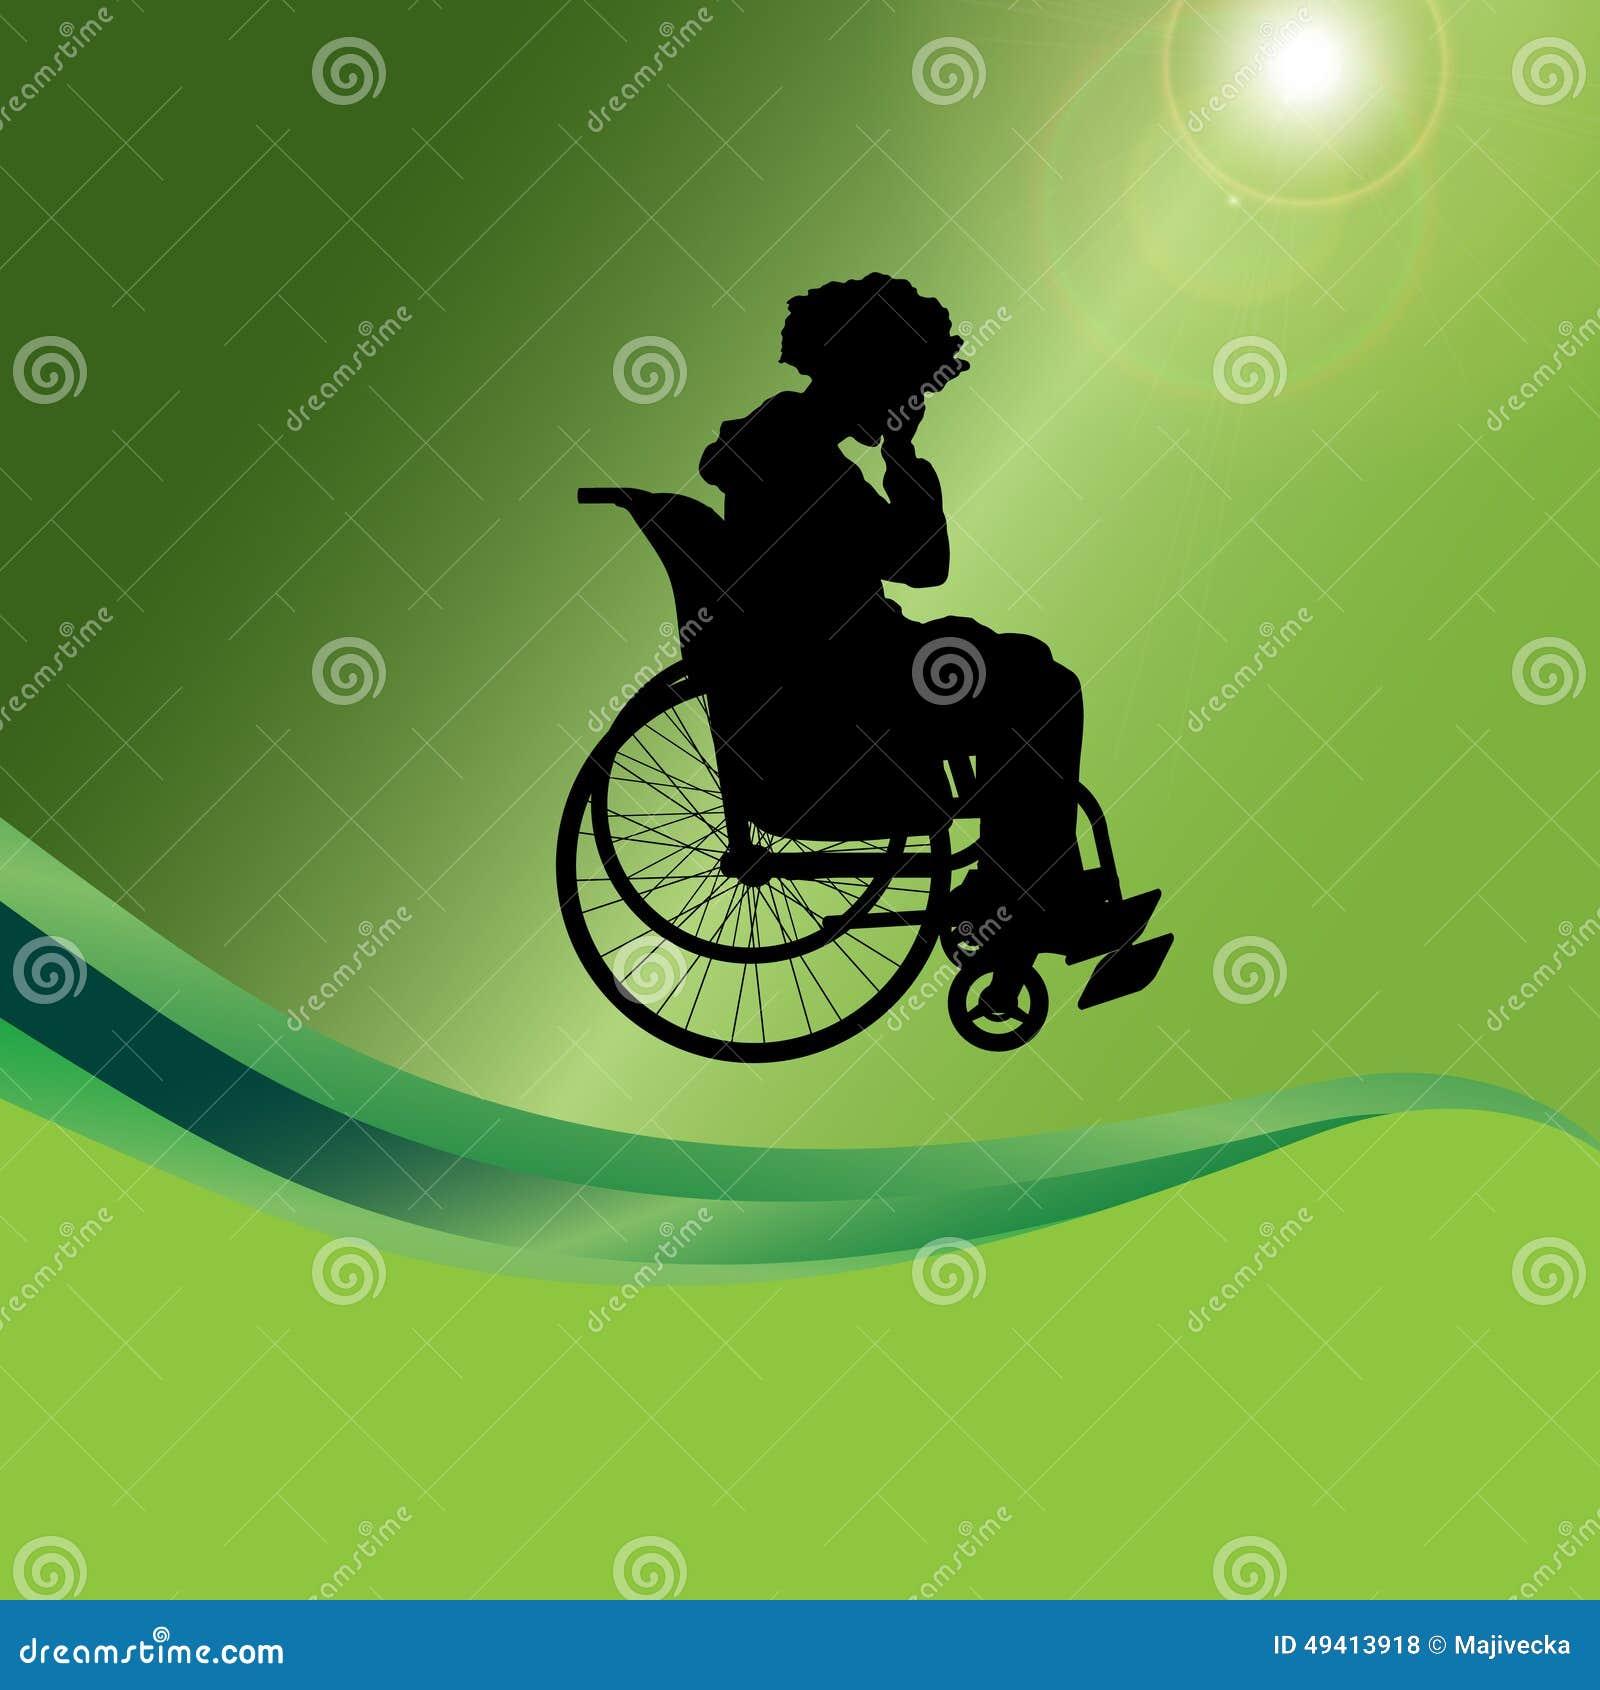 Download Vector Schattenbild Eines Mannes In Einem Rollstuhl Vektor Abbildung - Illustration von traurig, gesundheit: 49413918